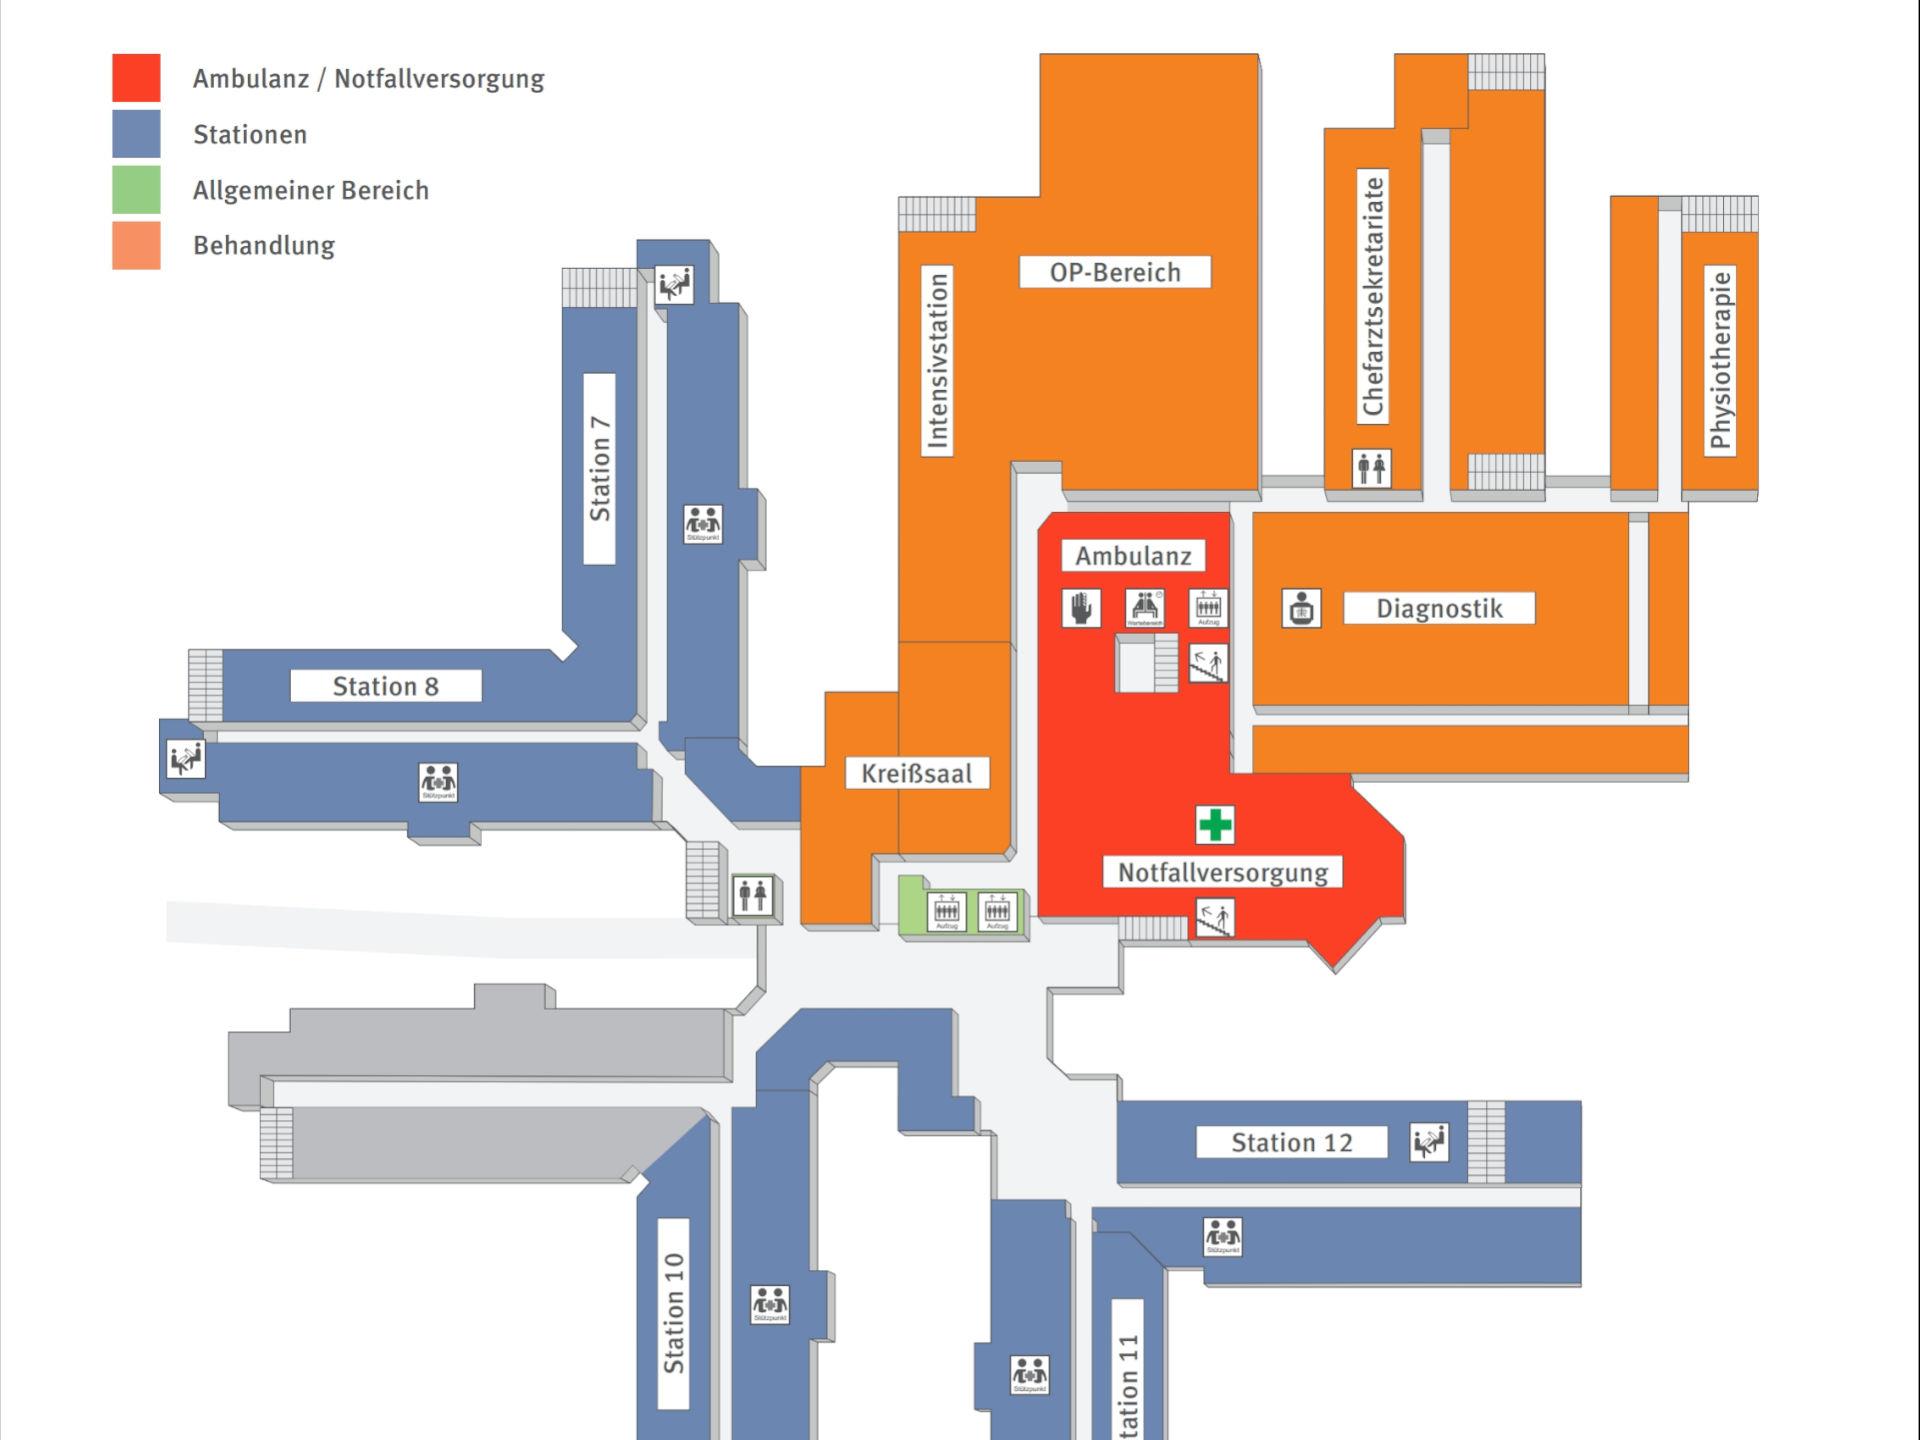 Beispielfoto 04 für die Planung von Wegeleitsystemen im Innen- und Außenbereich sowie in Städten. Foto: InForm, objektPlan: Planungsbüro für Verkehrsleitsysteme und Wegeleitsysteme.